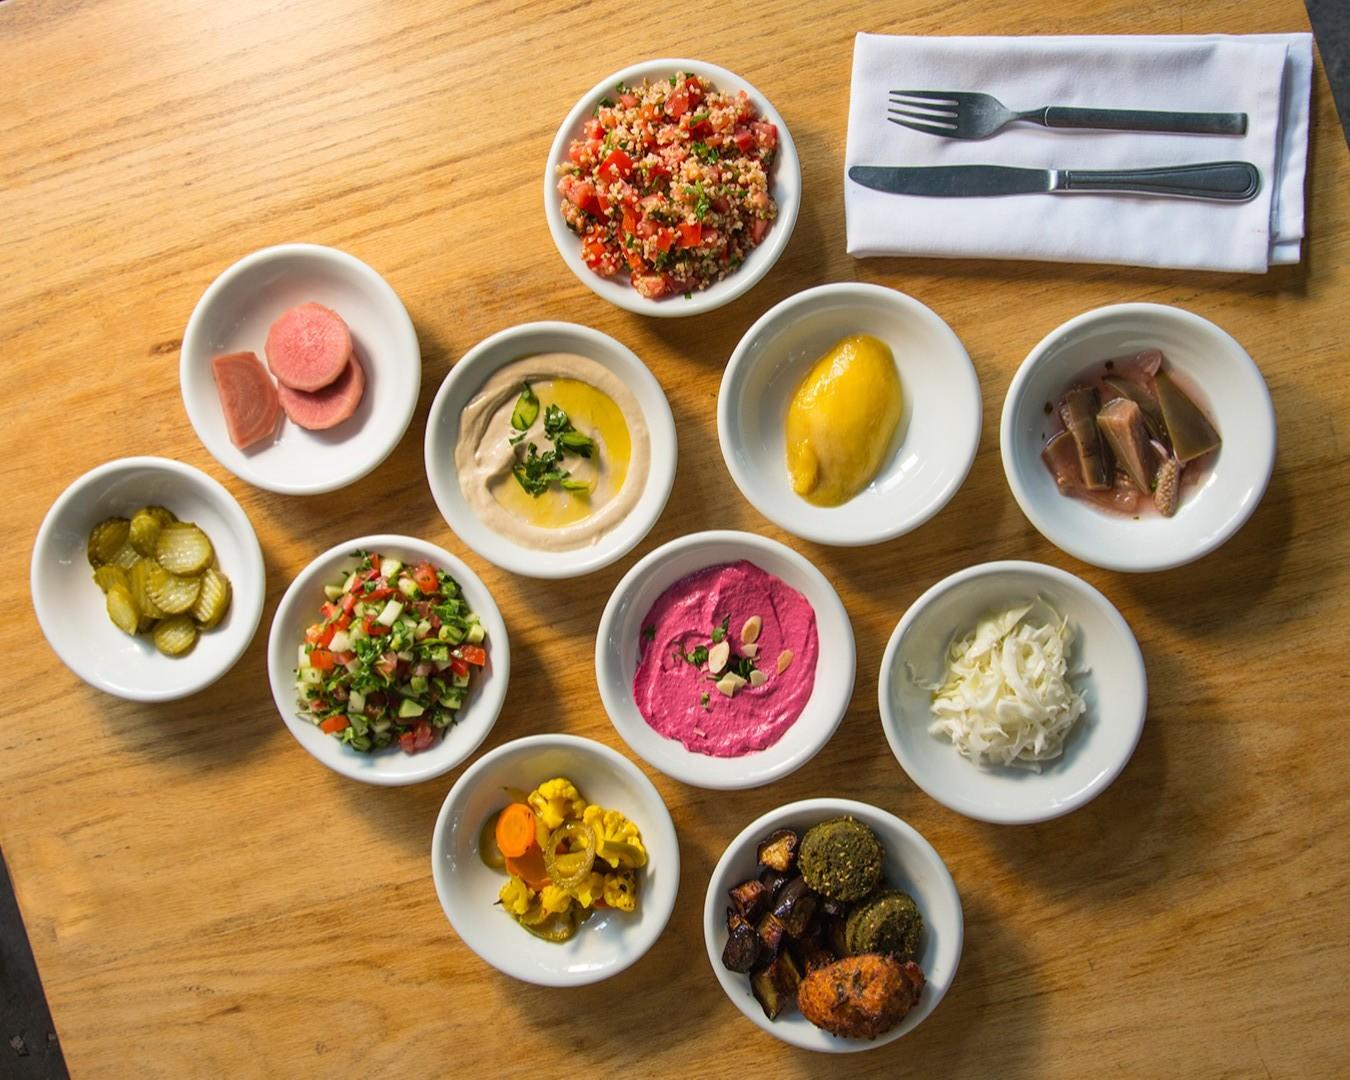 6 restaurantes de comida de Medio Oriente que debes visitar en la CDMX